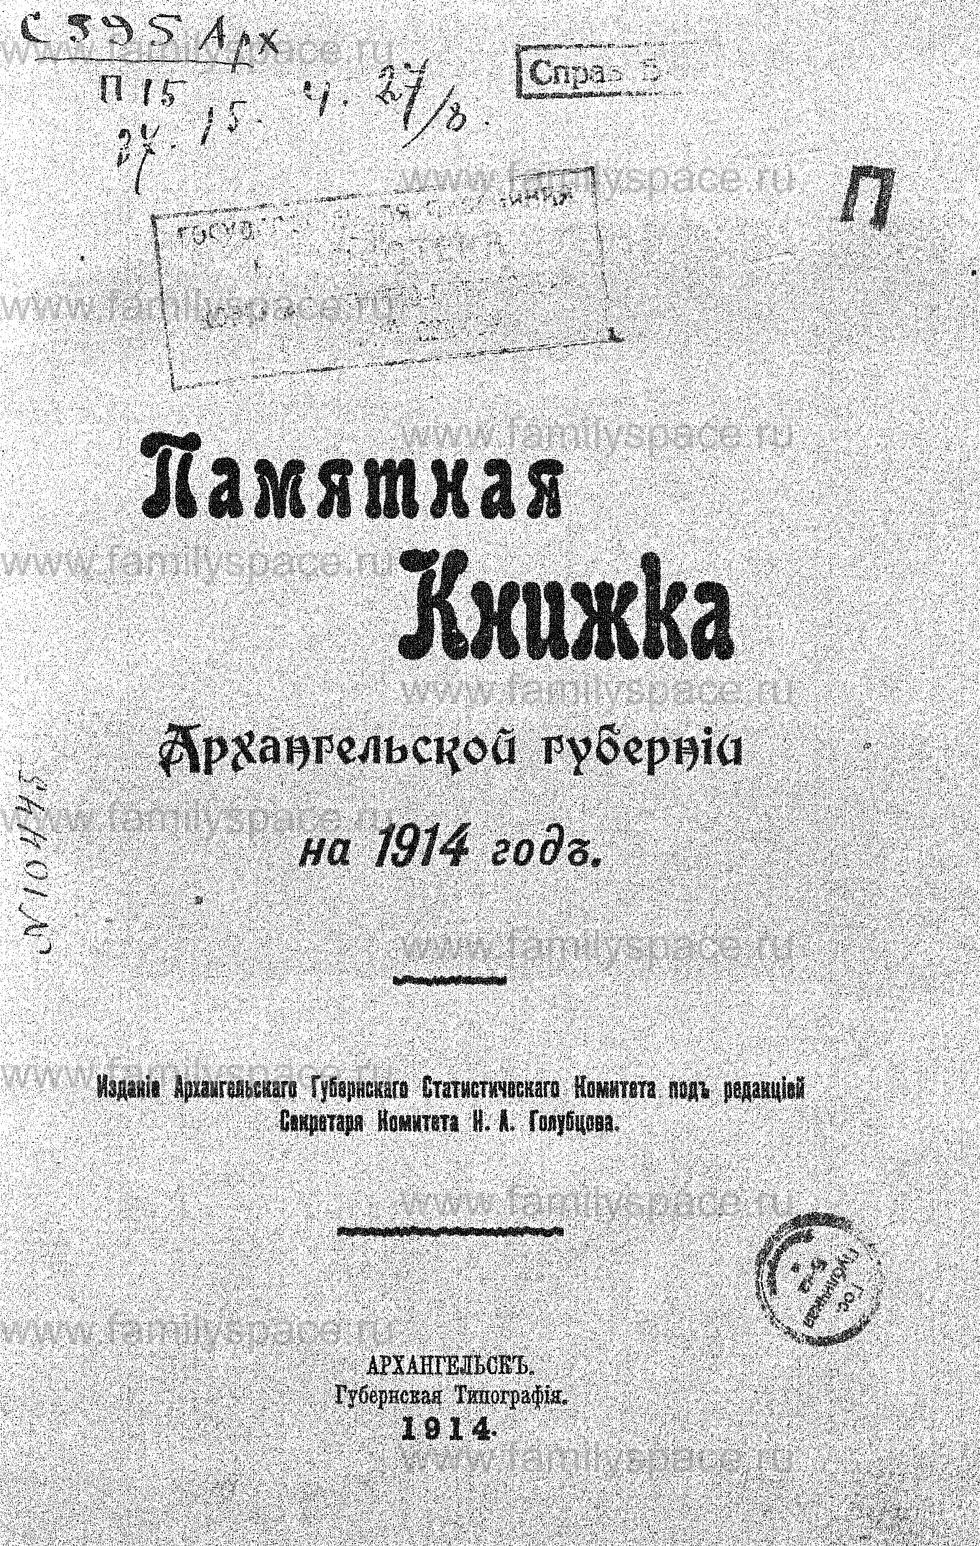 Поиск по фамилии - Памятная книжка Архангельской губернии на 1914 г, страница 1